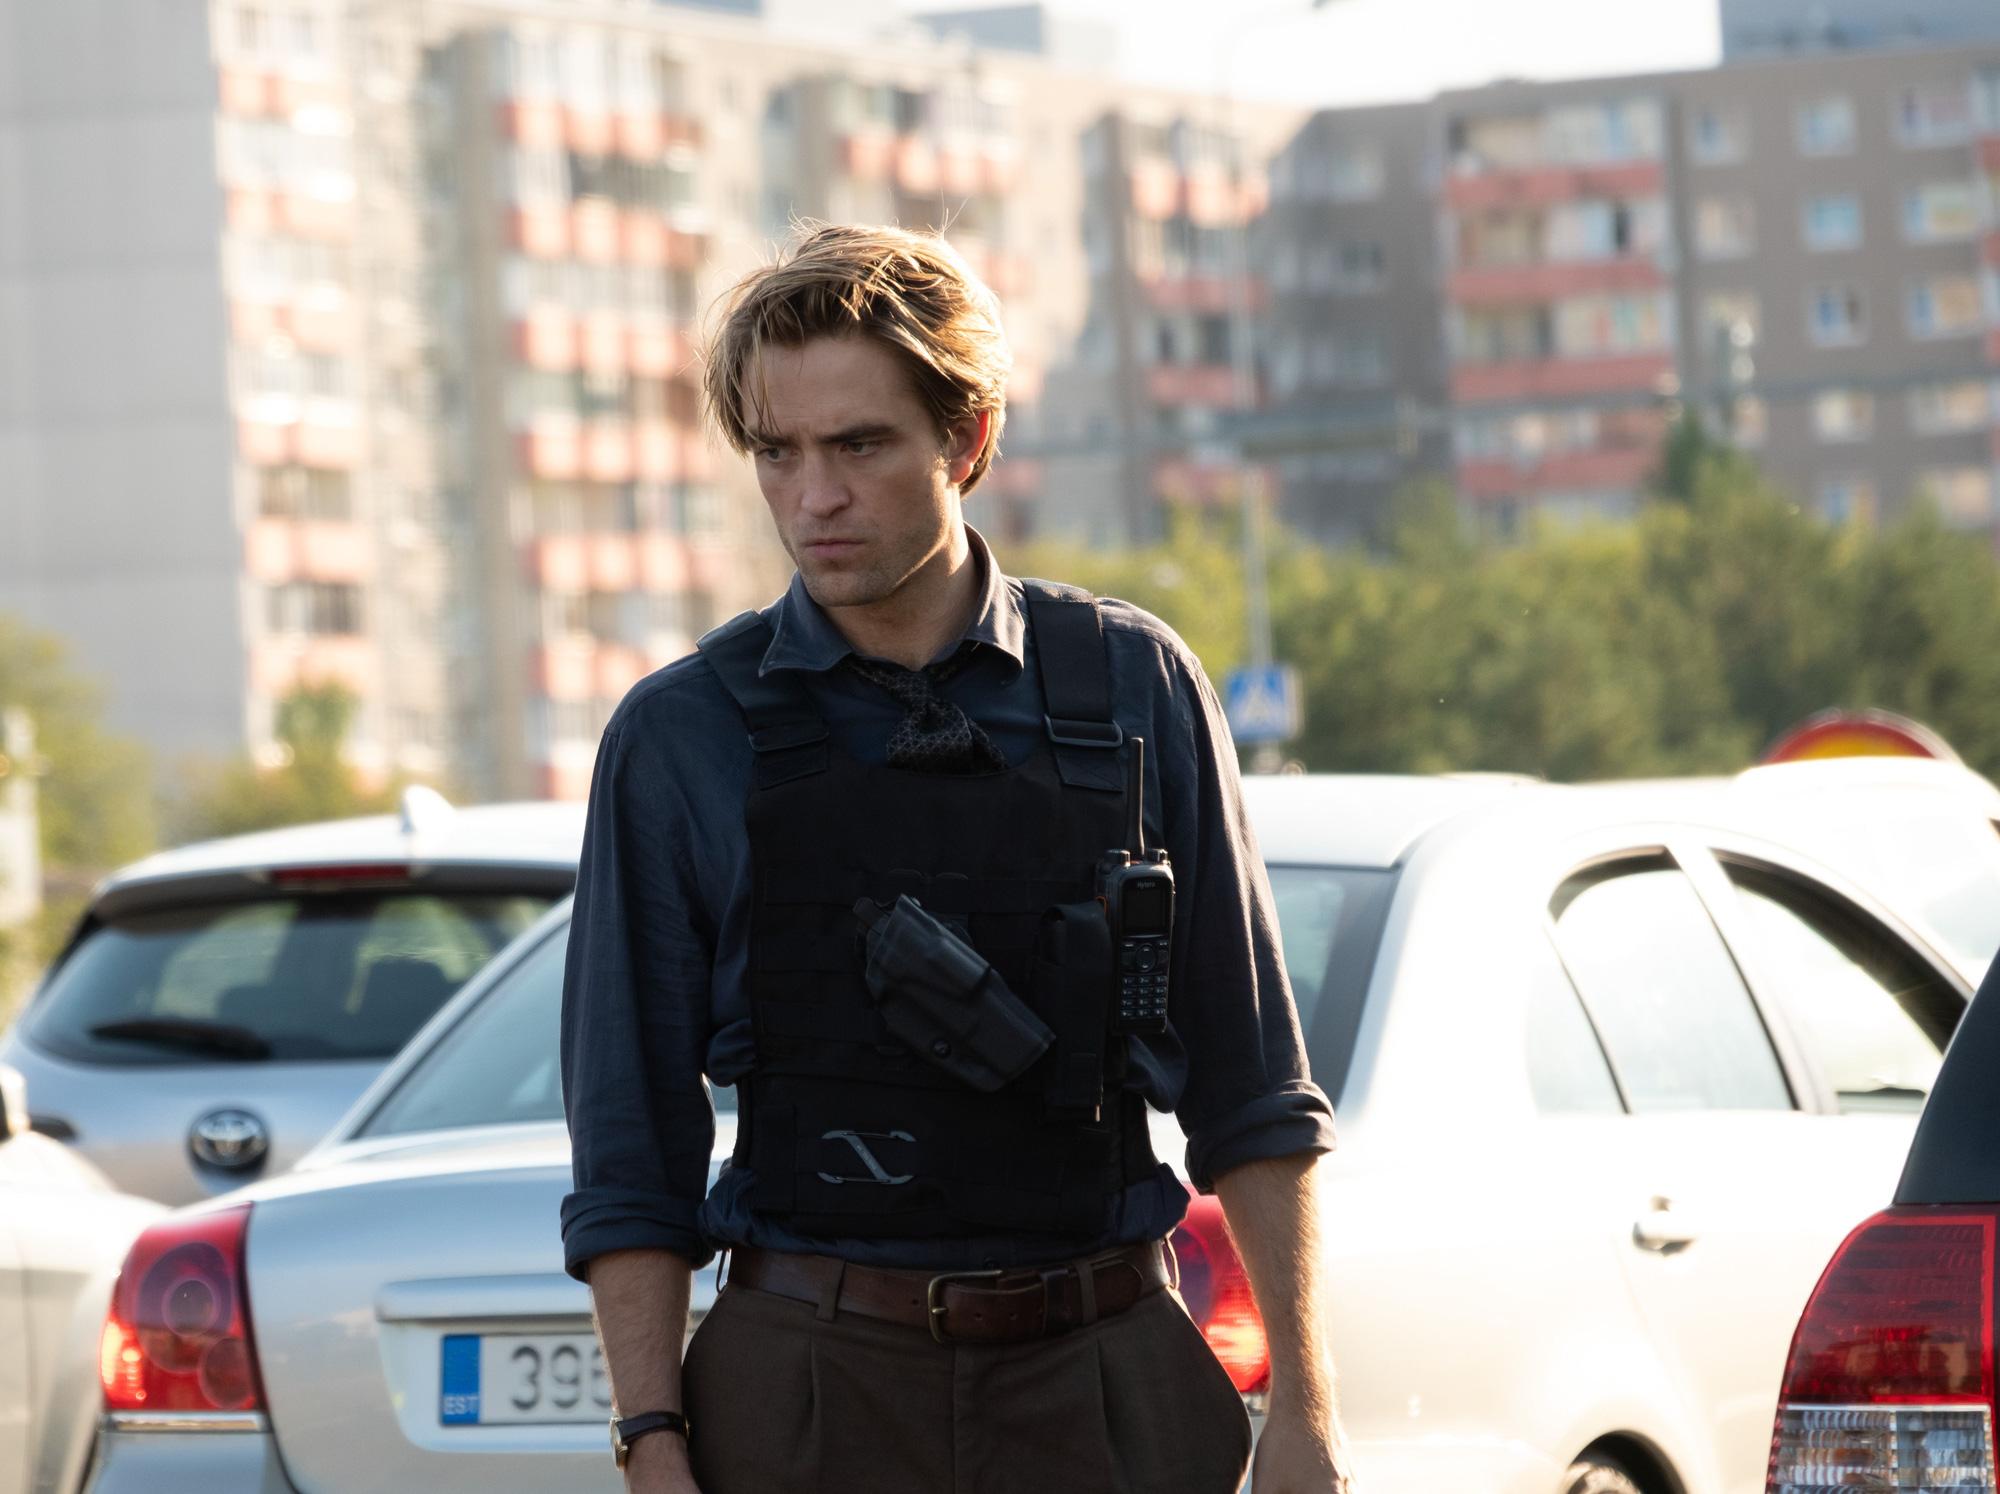 Rạp phim Trung Quốc hí hửng mở cửa trở lại nhưng sao Tenet của Christopher Nolan xui xẻo bị cấm cửa thế này? - Ảnh 5.